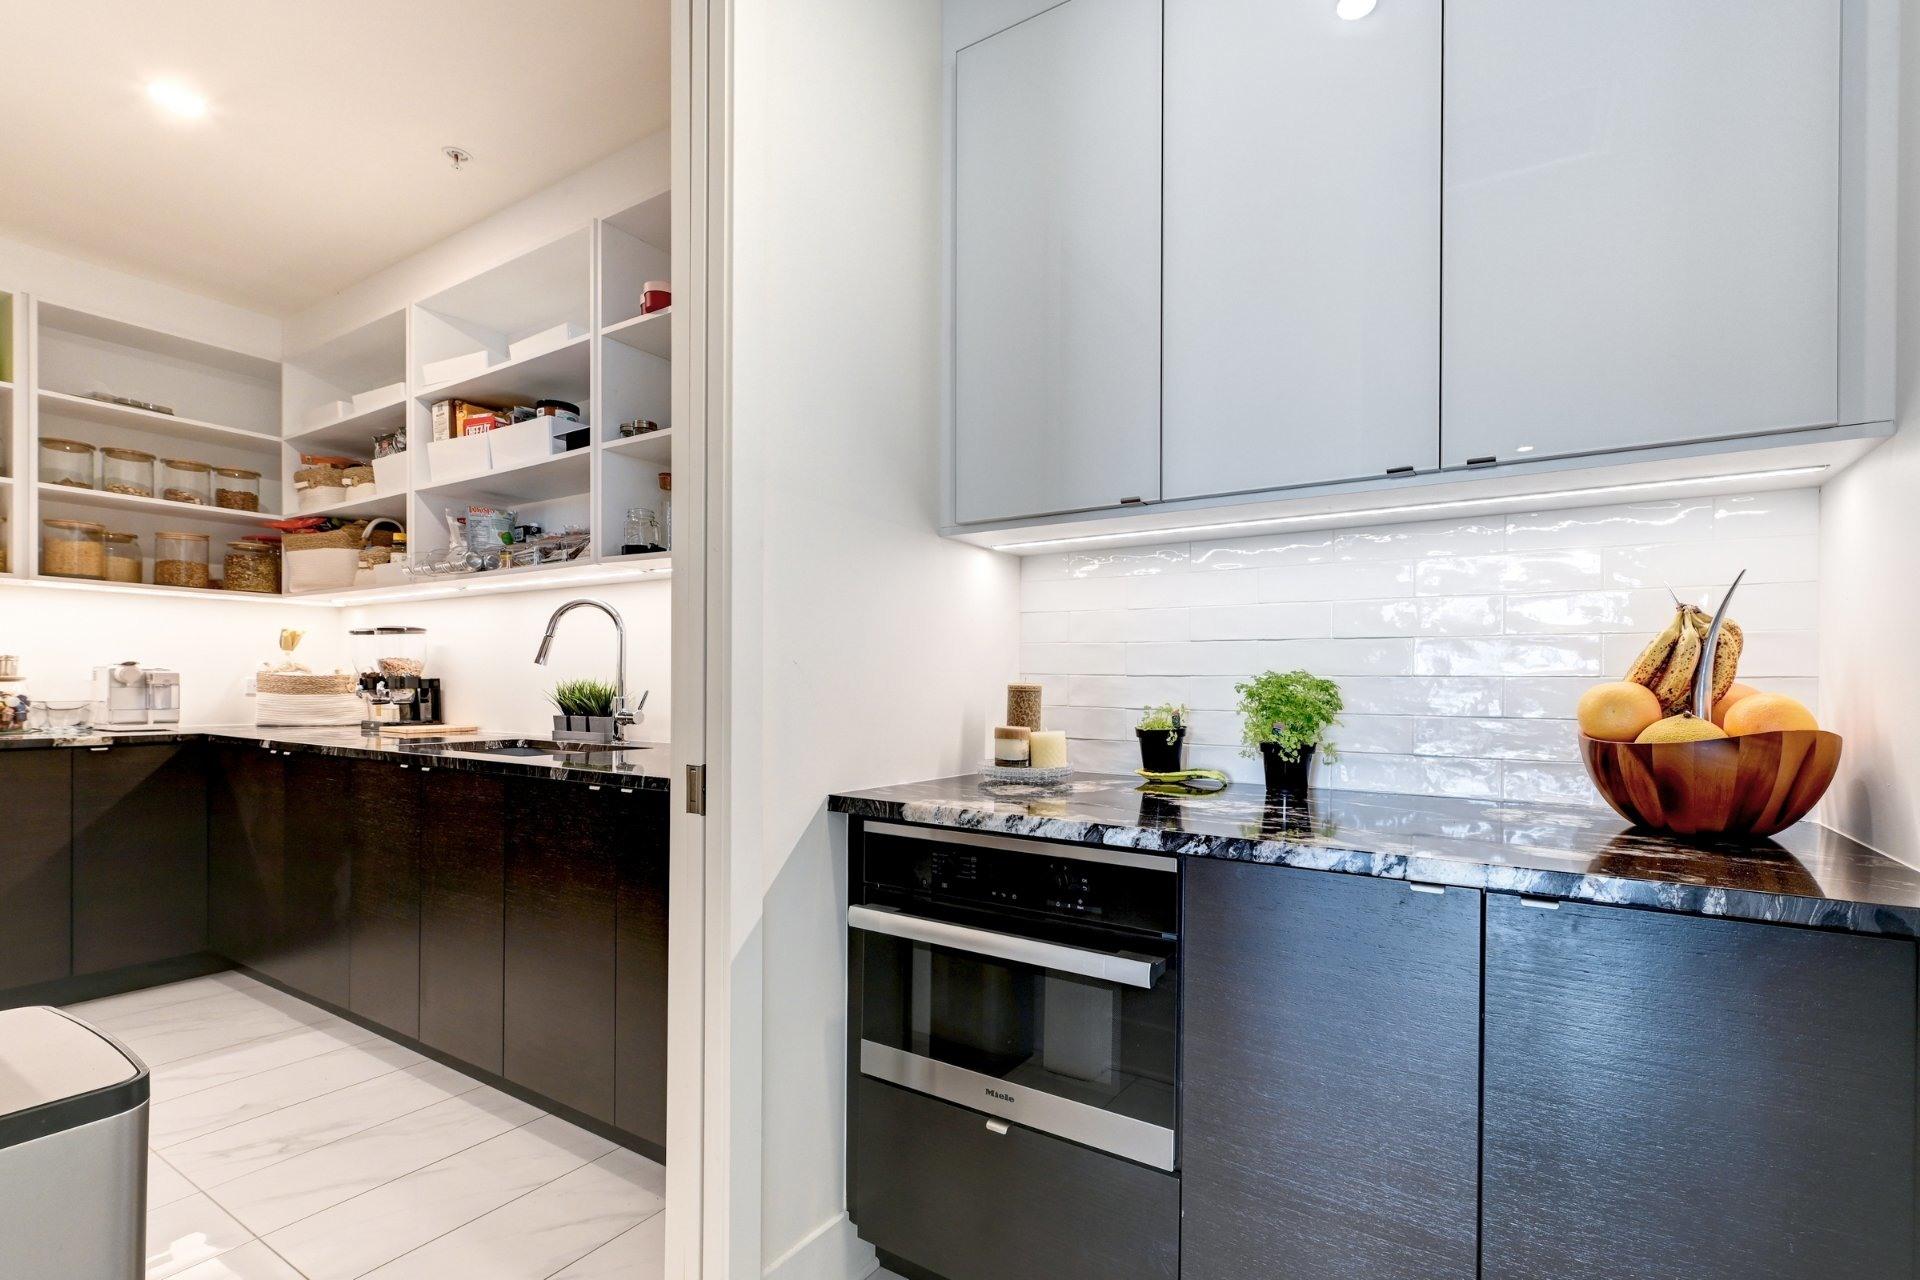 image 12 - Appartement À vendre Côte-des-Neiges/Notre-Dame-de-Grâce Montréal  - 16 pièces